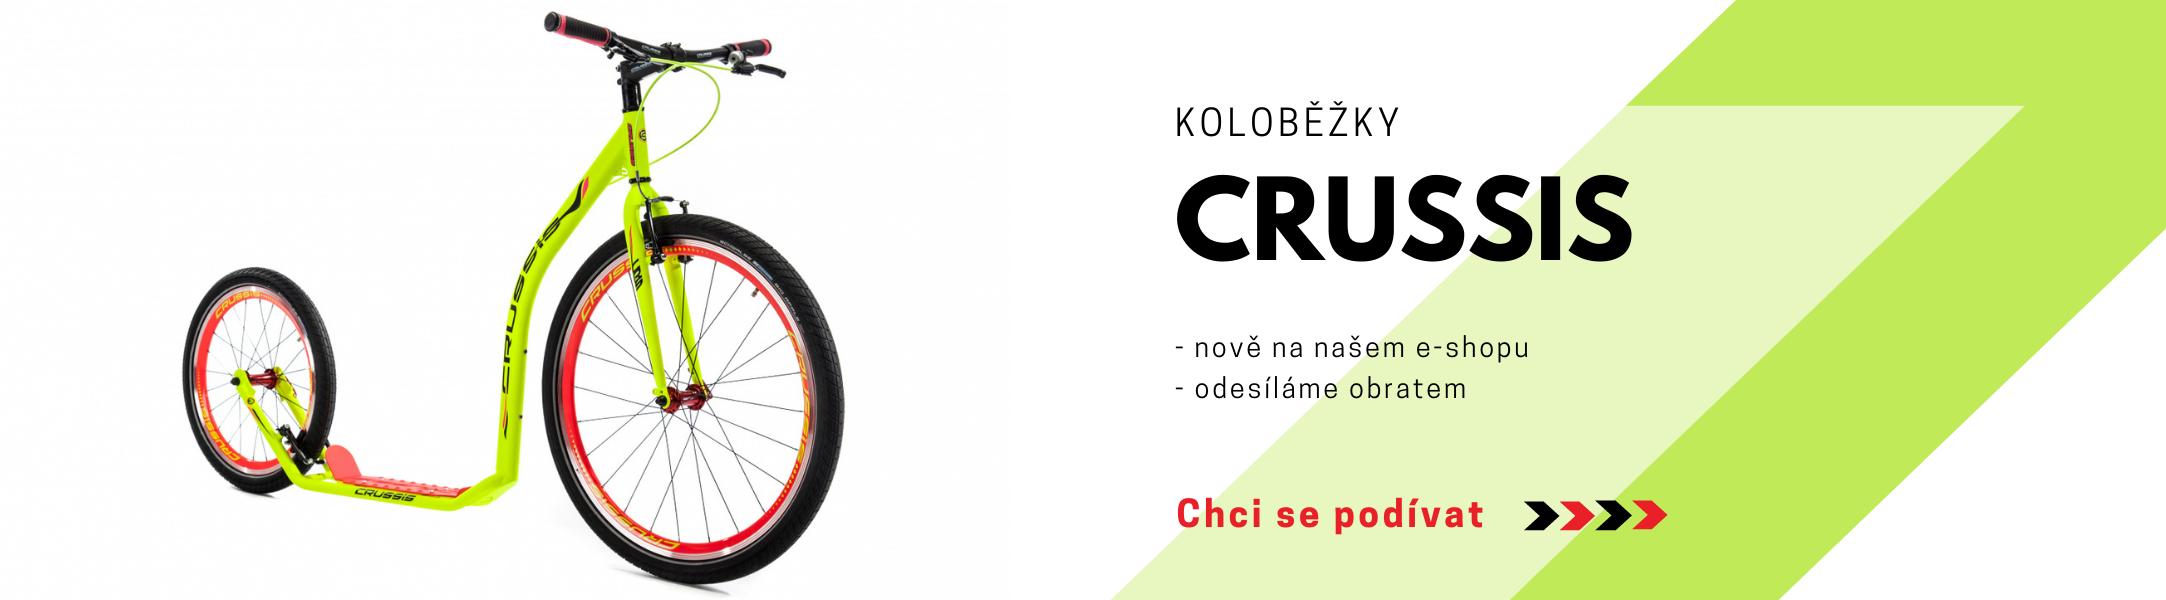 Koloběžky Crussis